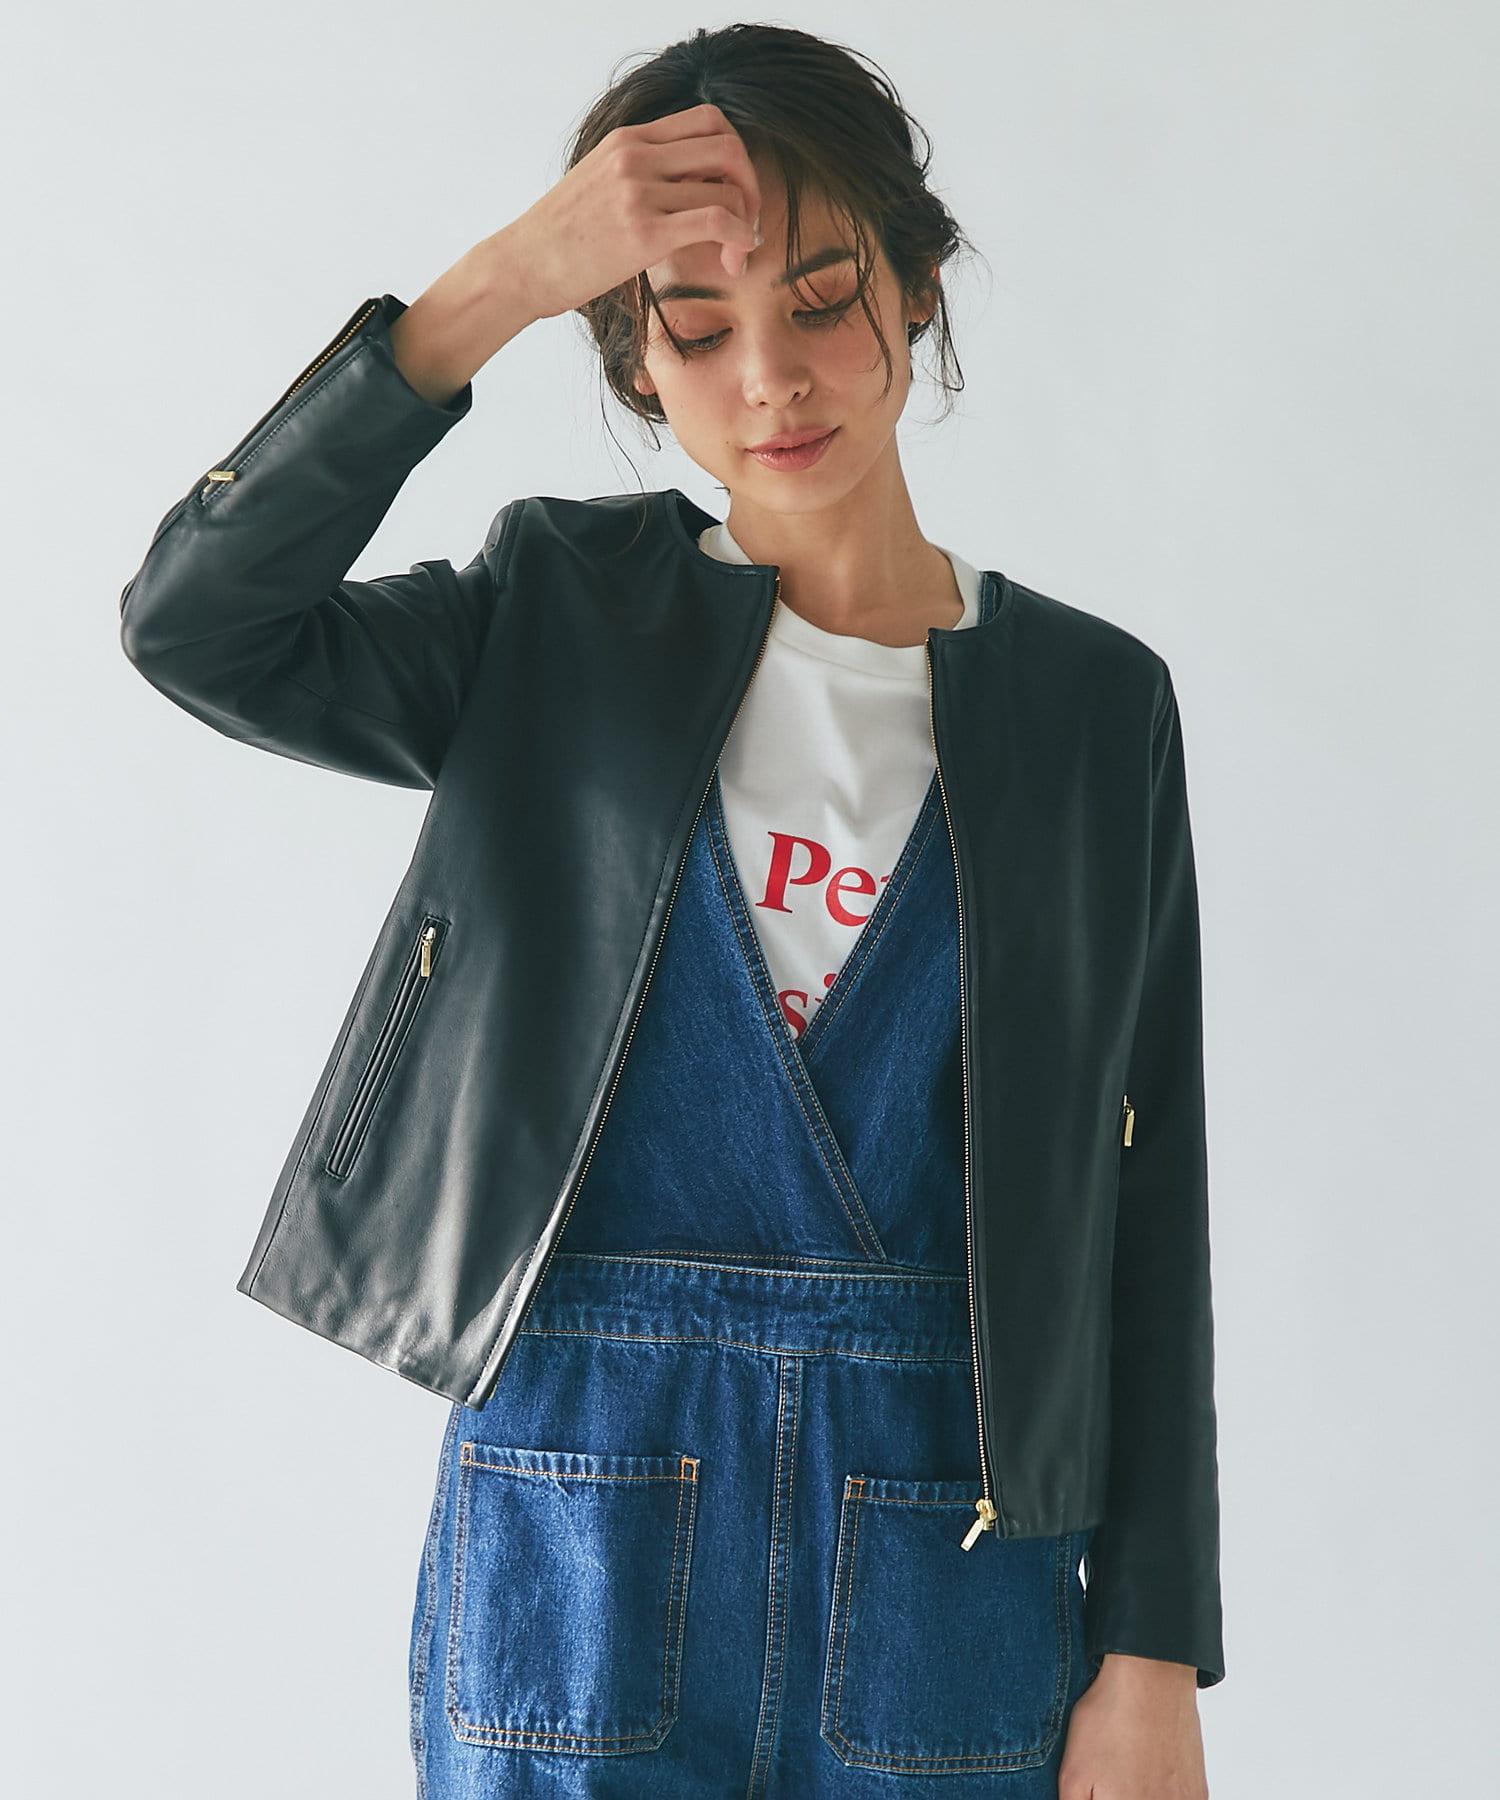 La boutique BonBon(ラブティックボンボン) 【女性らしい着こなしが叶う】ノーカラーレザージャケット